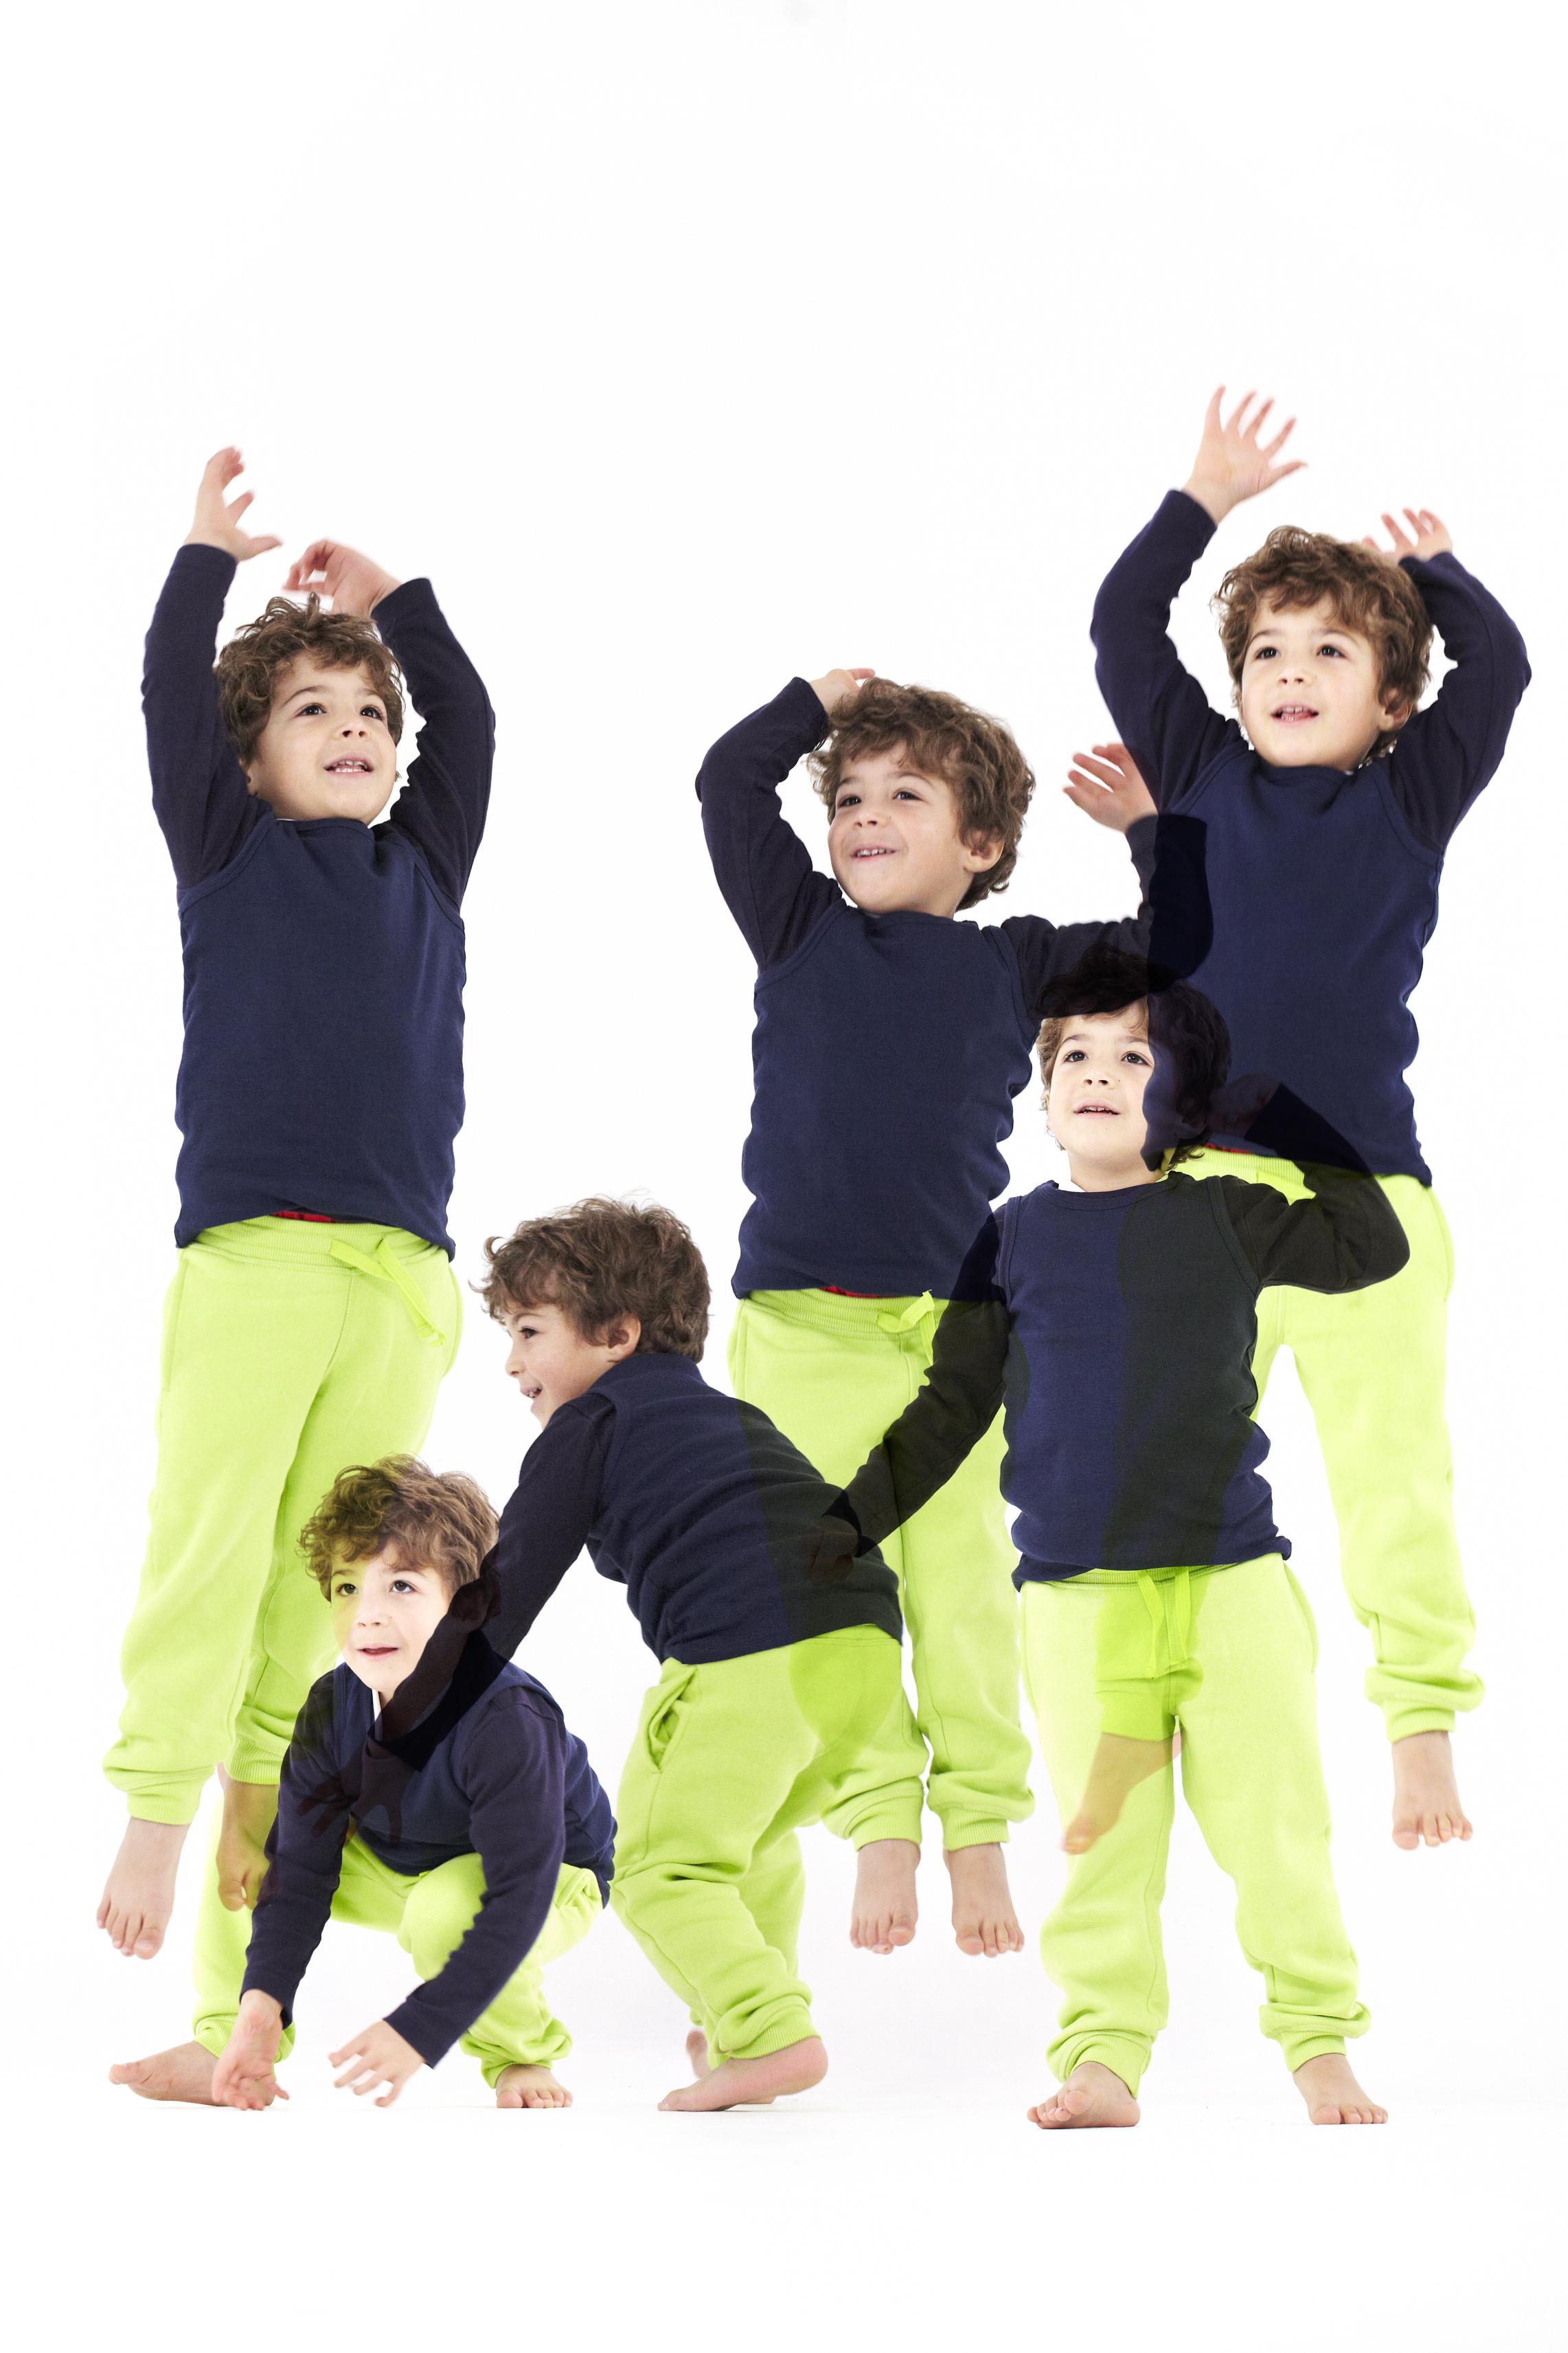 kids_overlap_03.jpg